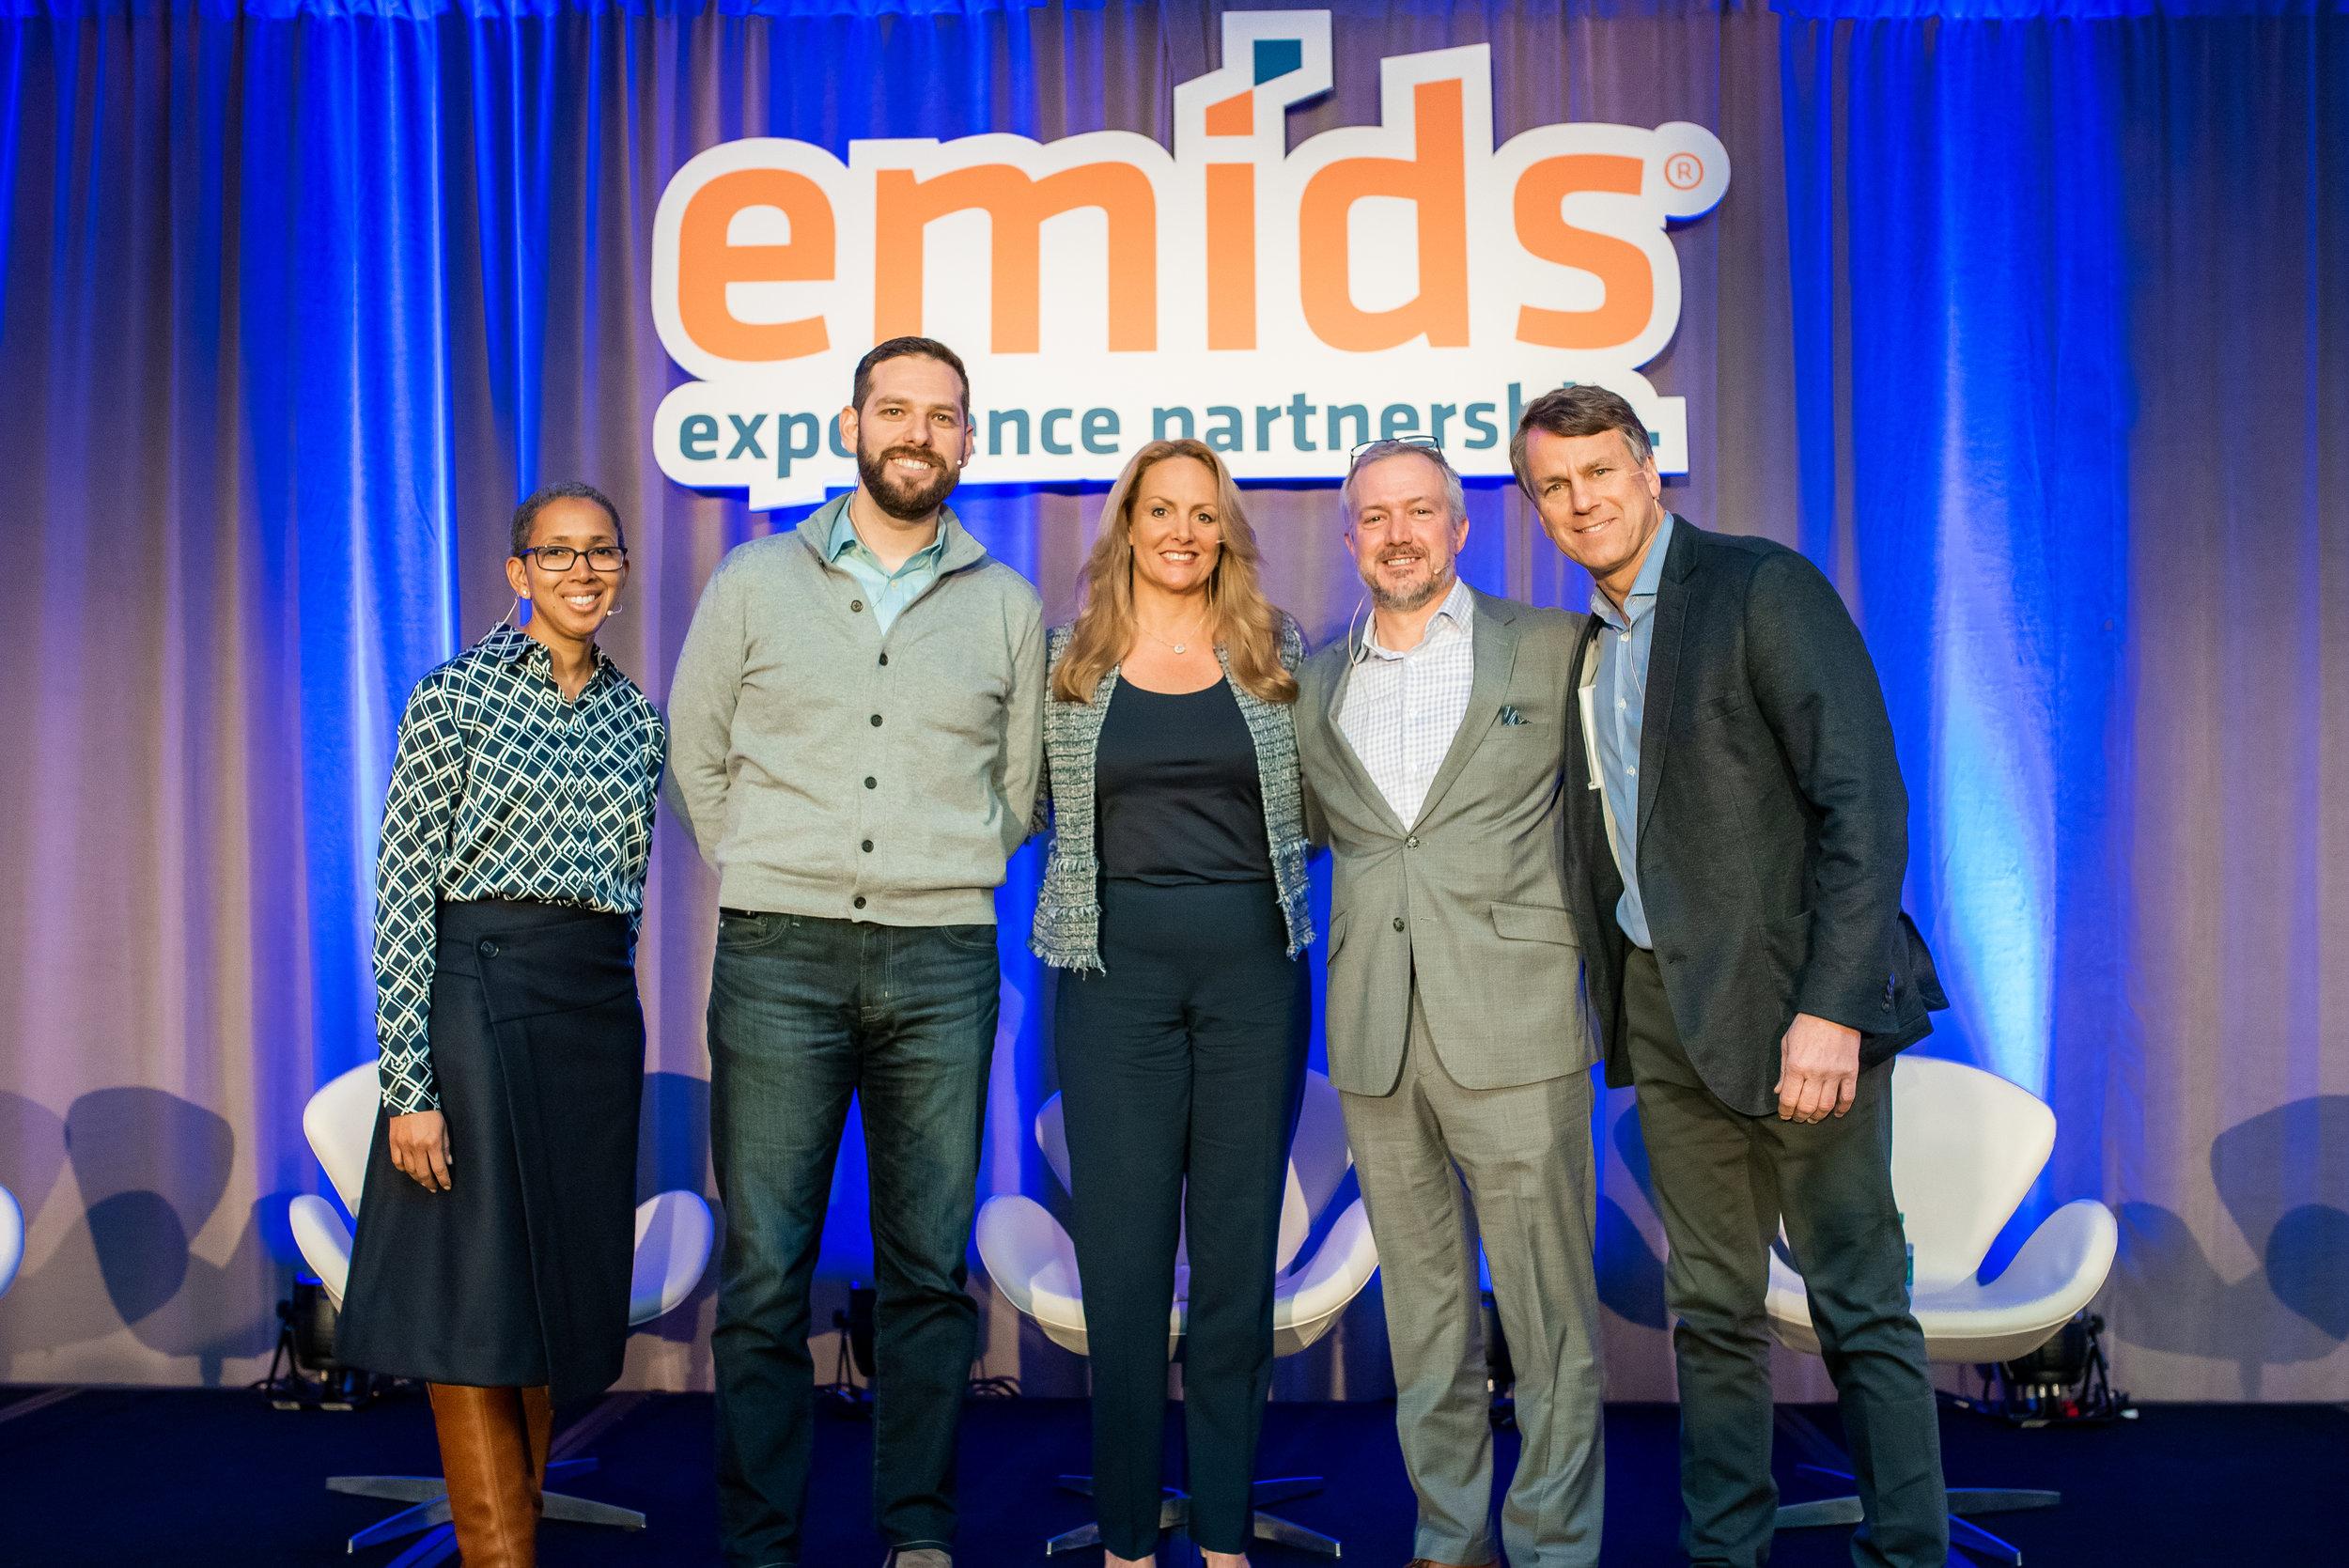 DetailsNashville-EMIDS-Summit18-218.jpg